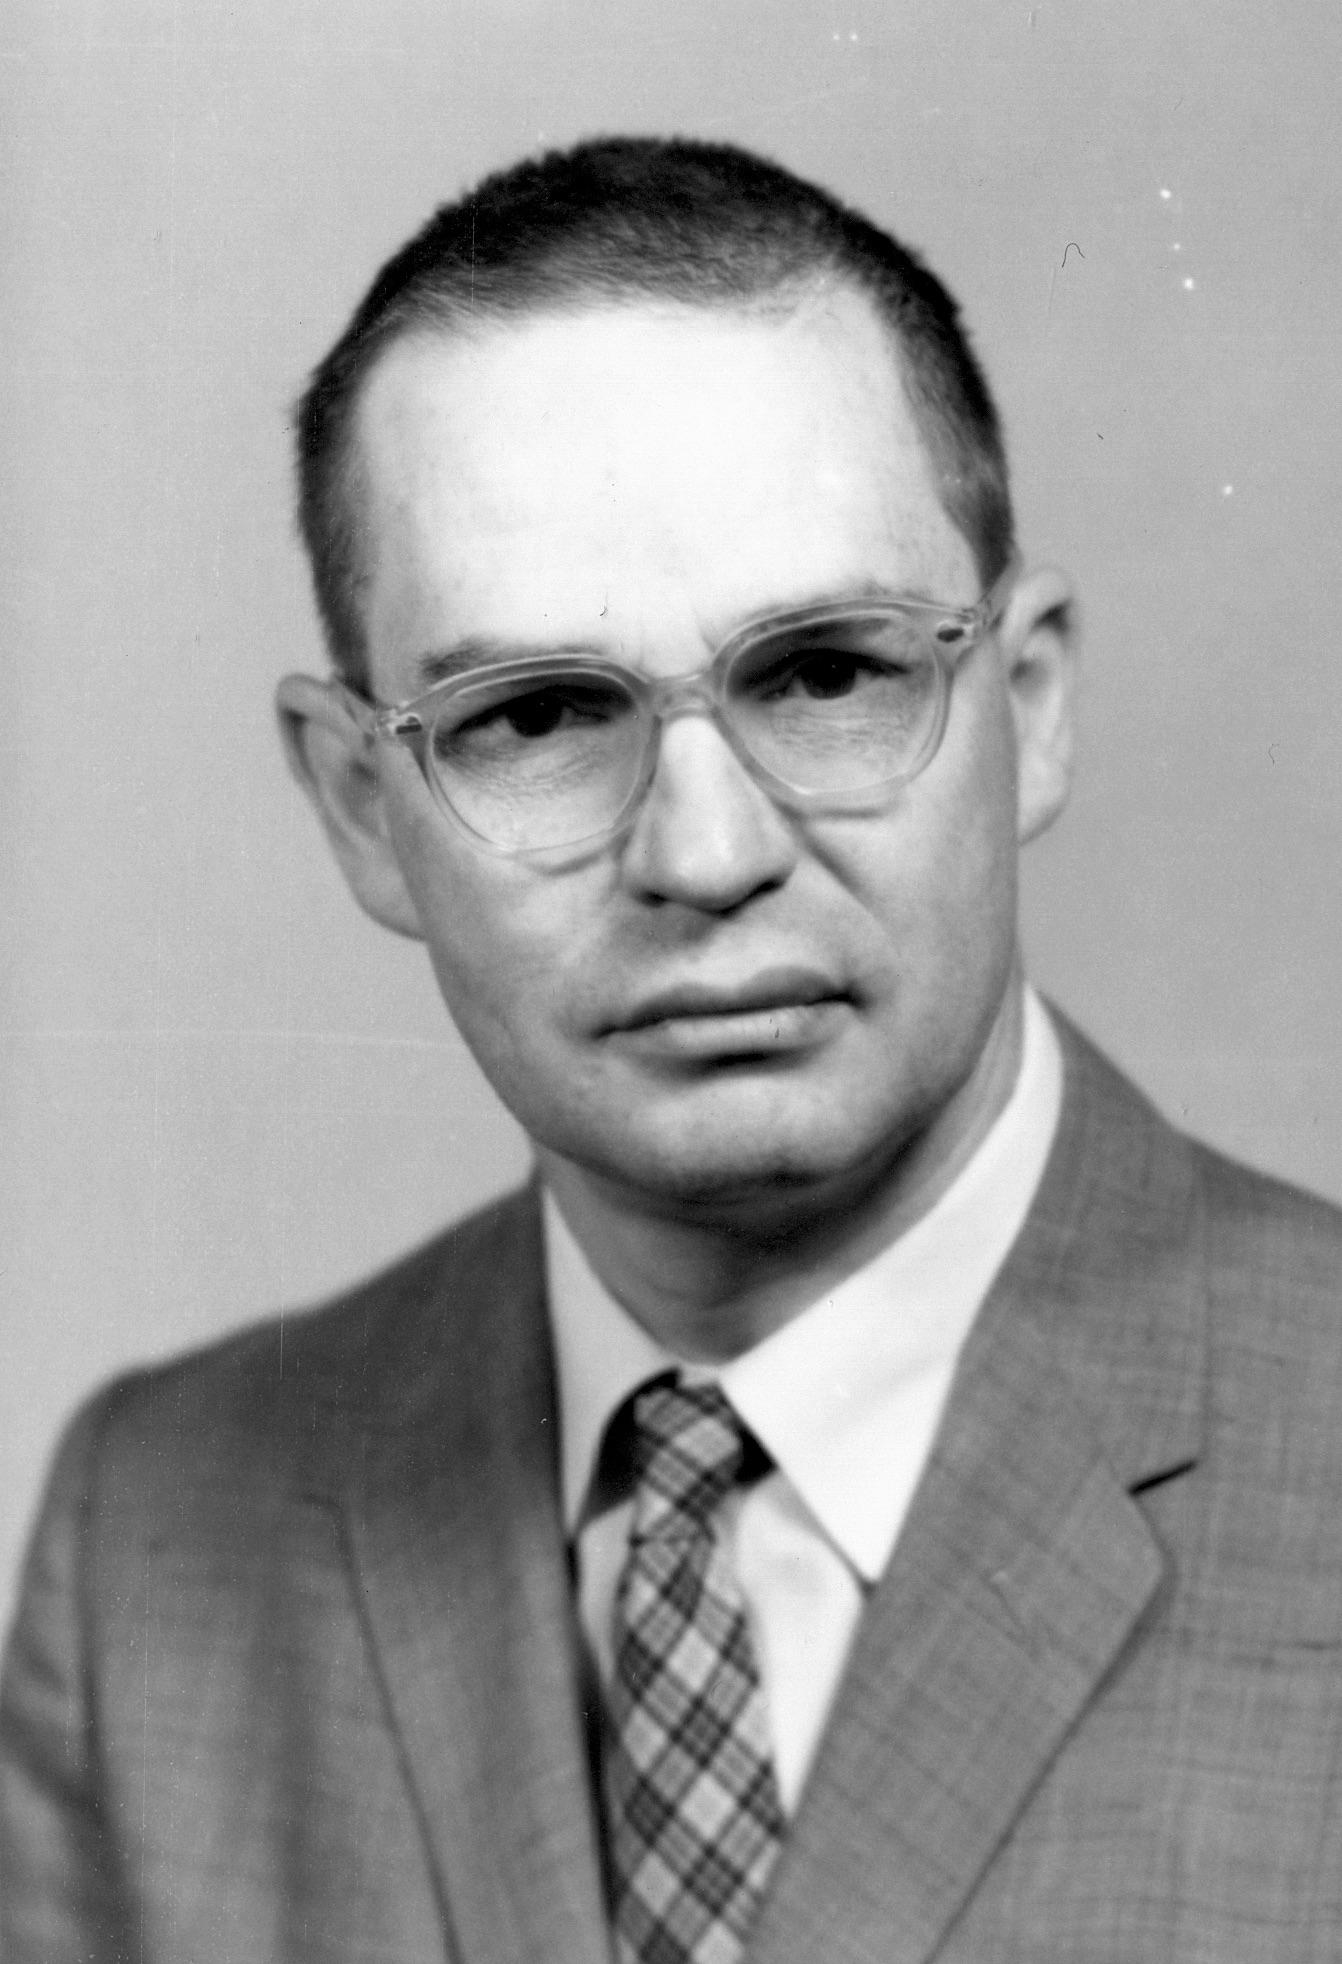 Clinton H. Hobbs